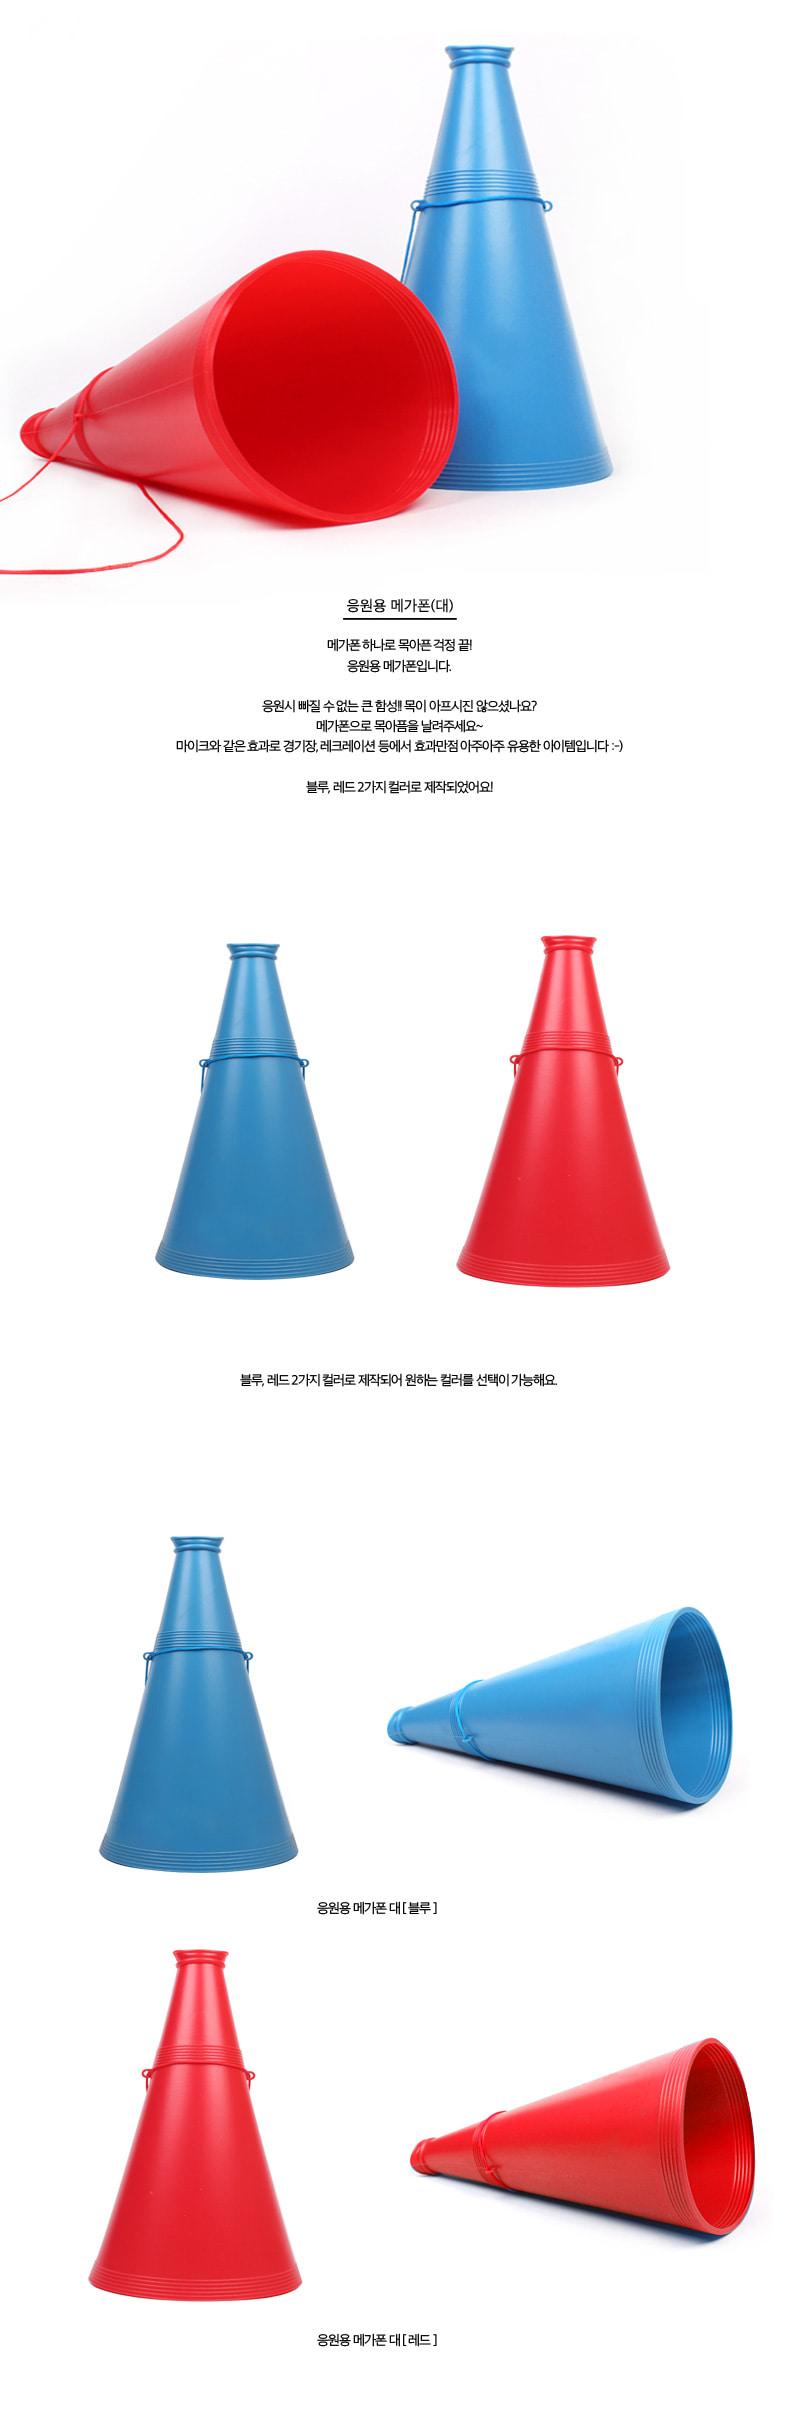 응원용 메가폰 대 (블루) - 파티해, 5,000원, 응원용품, 응원용품